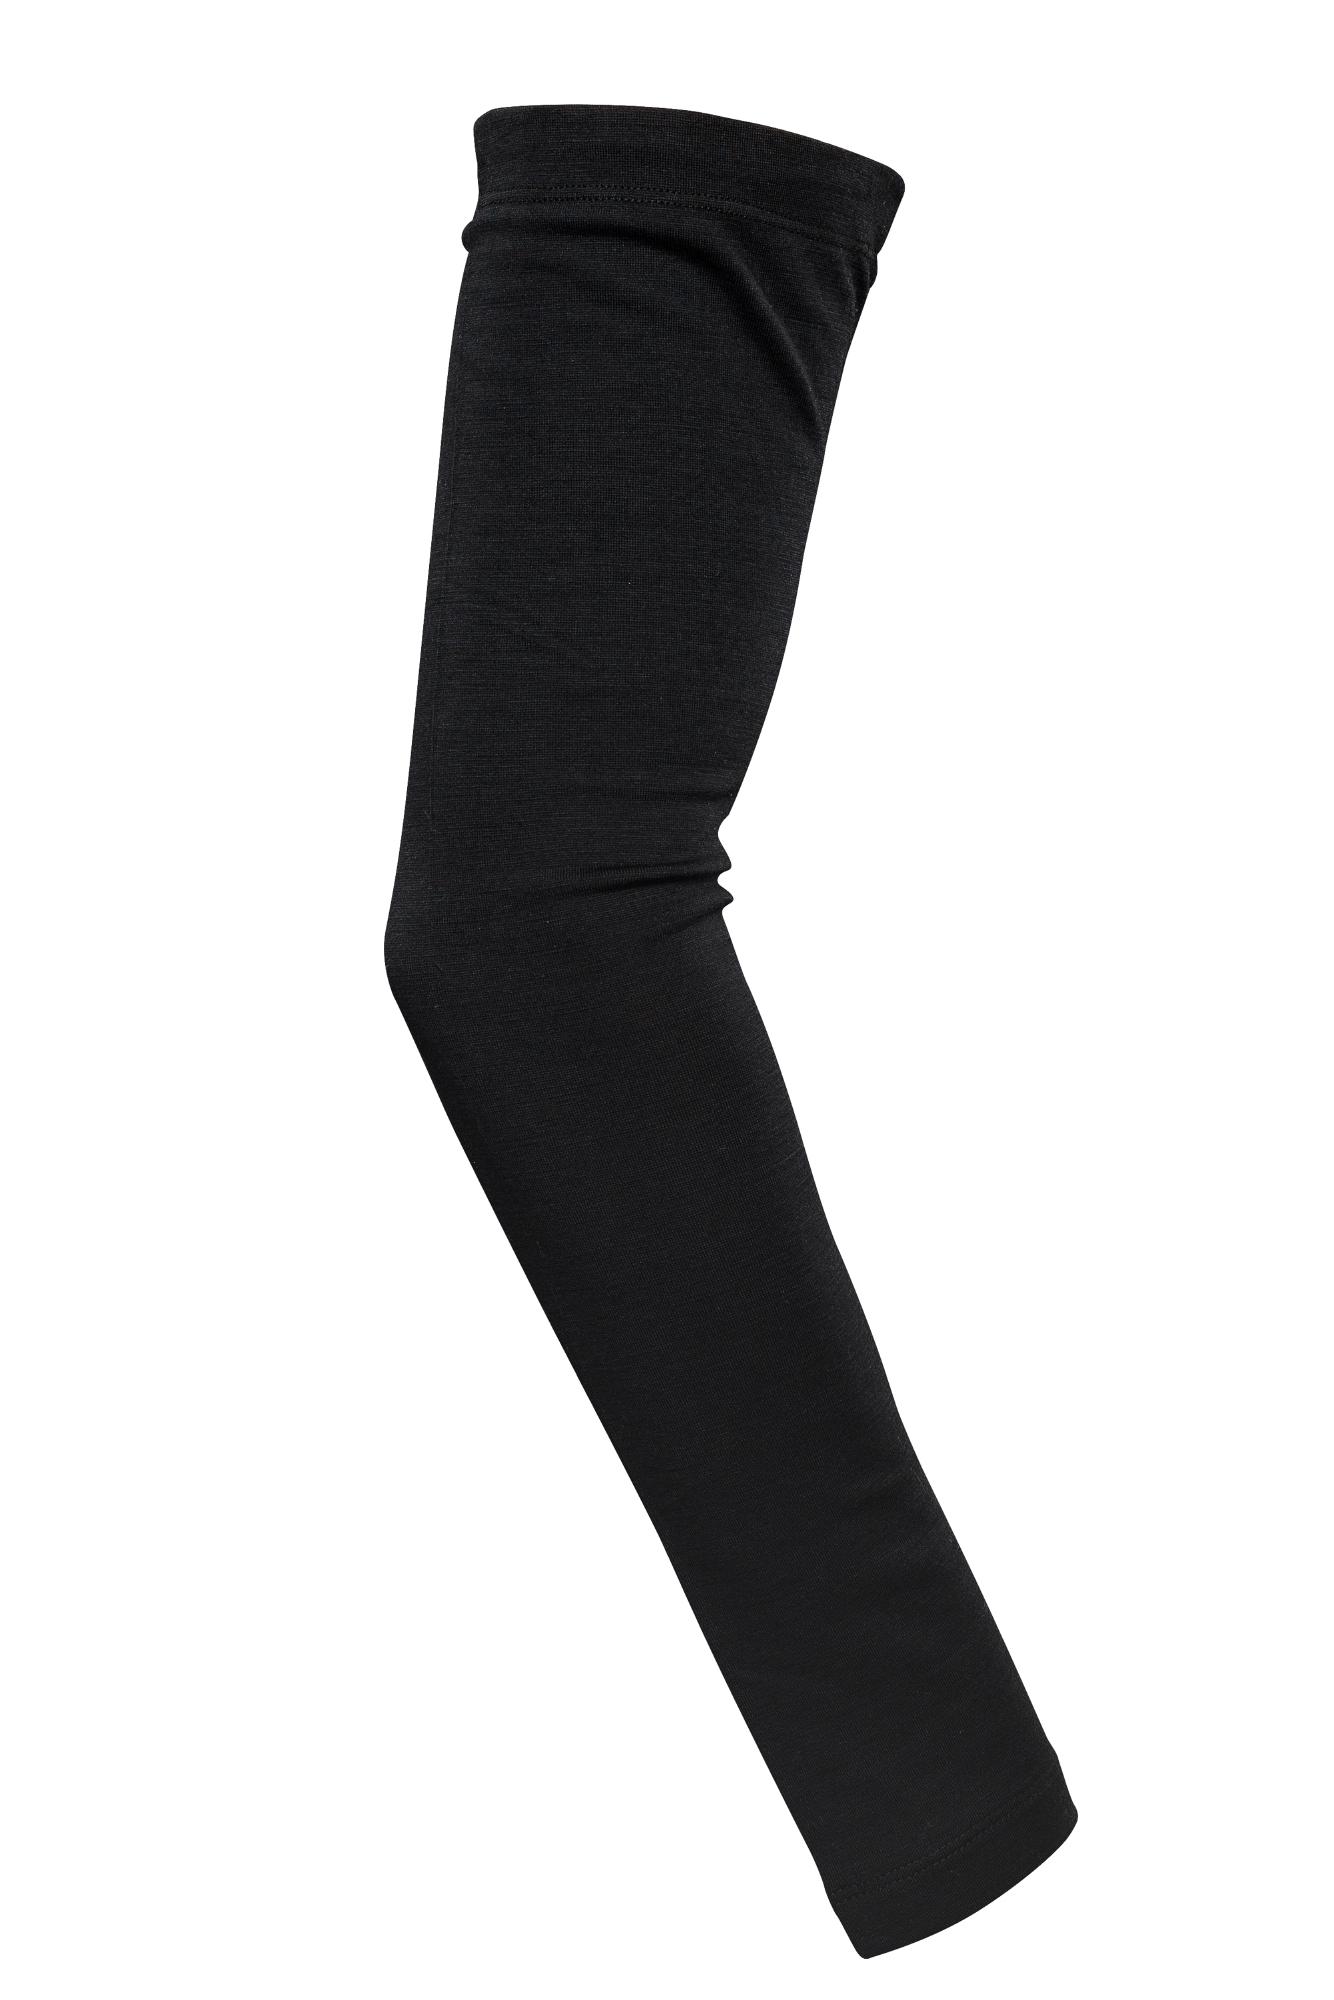 Sweet Protection Crossfire Merino Sleeves - Armvarmere - Sort | Warmers